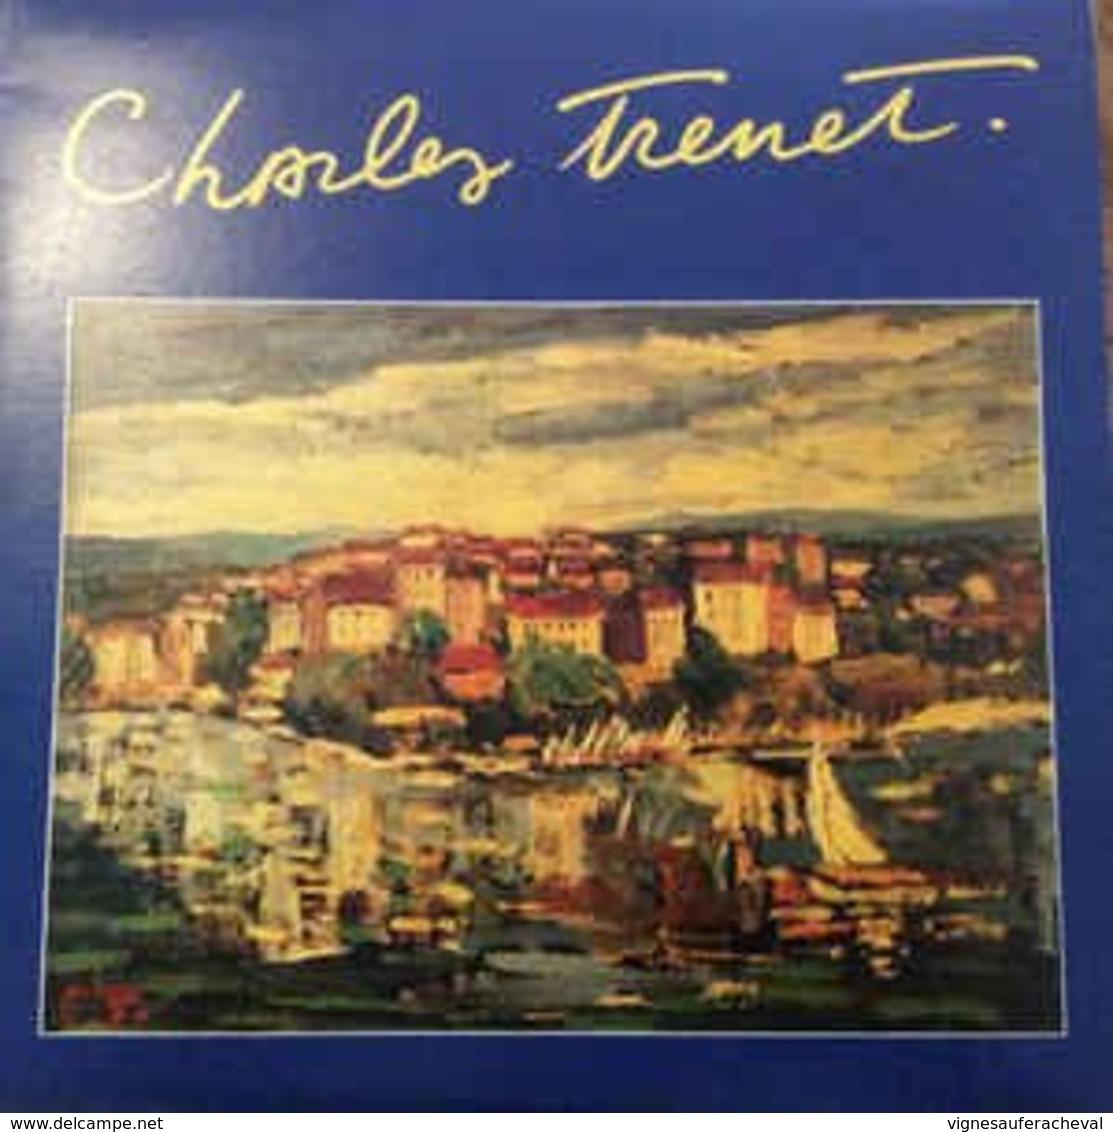 Charles Trenet- éponyme - Weihnachtslieder